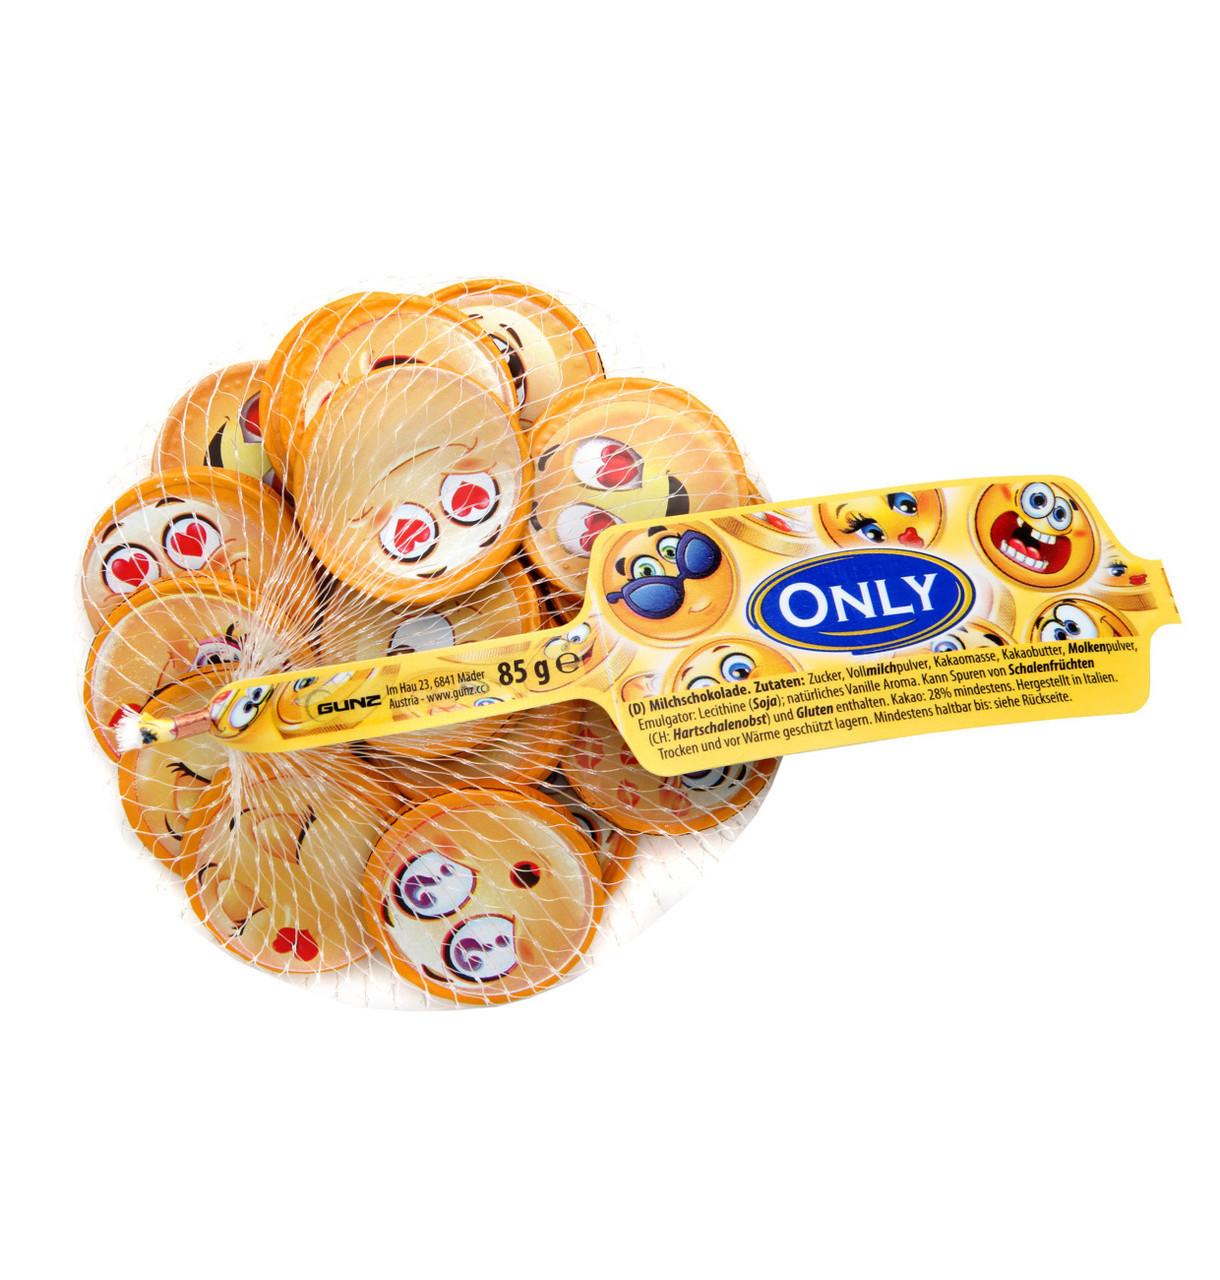 Молочний шоколад Only Смайлики сітка 85 г Австрія